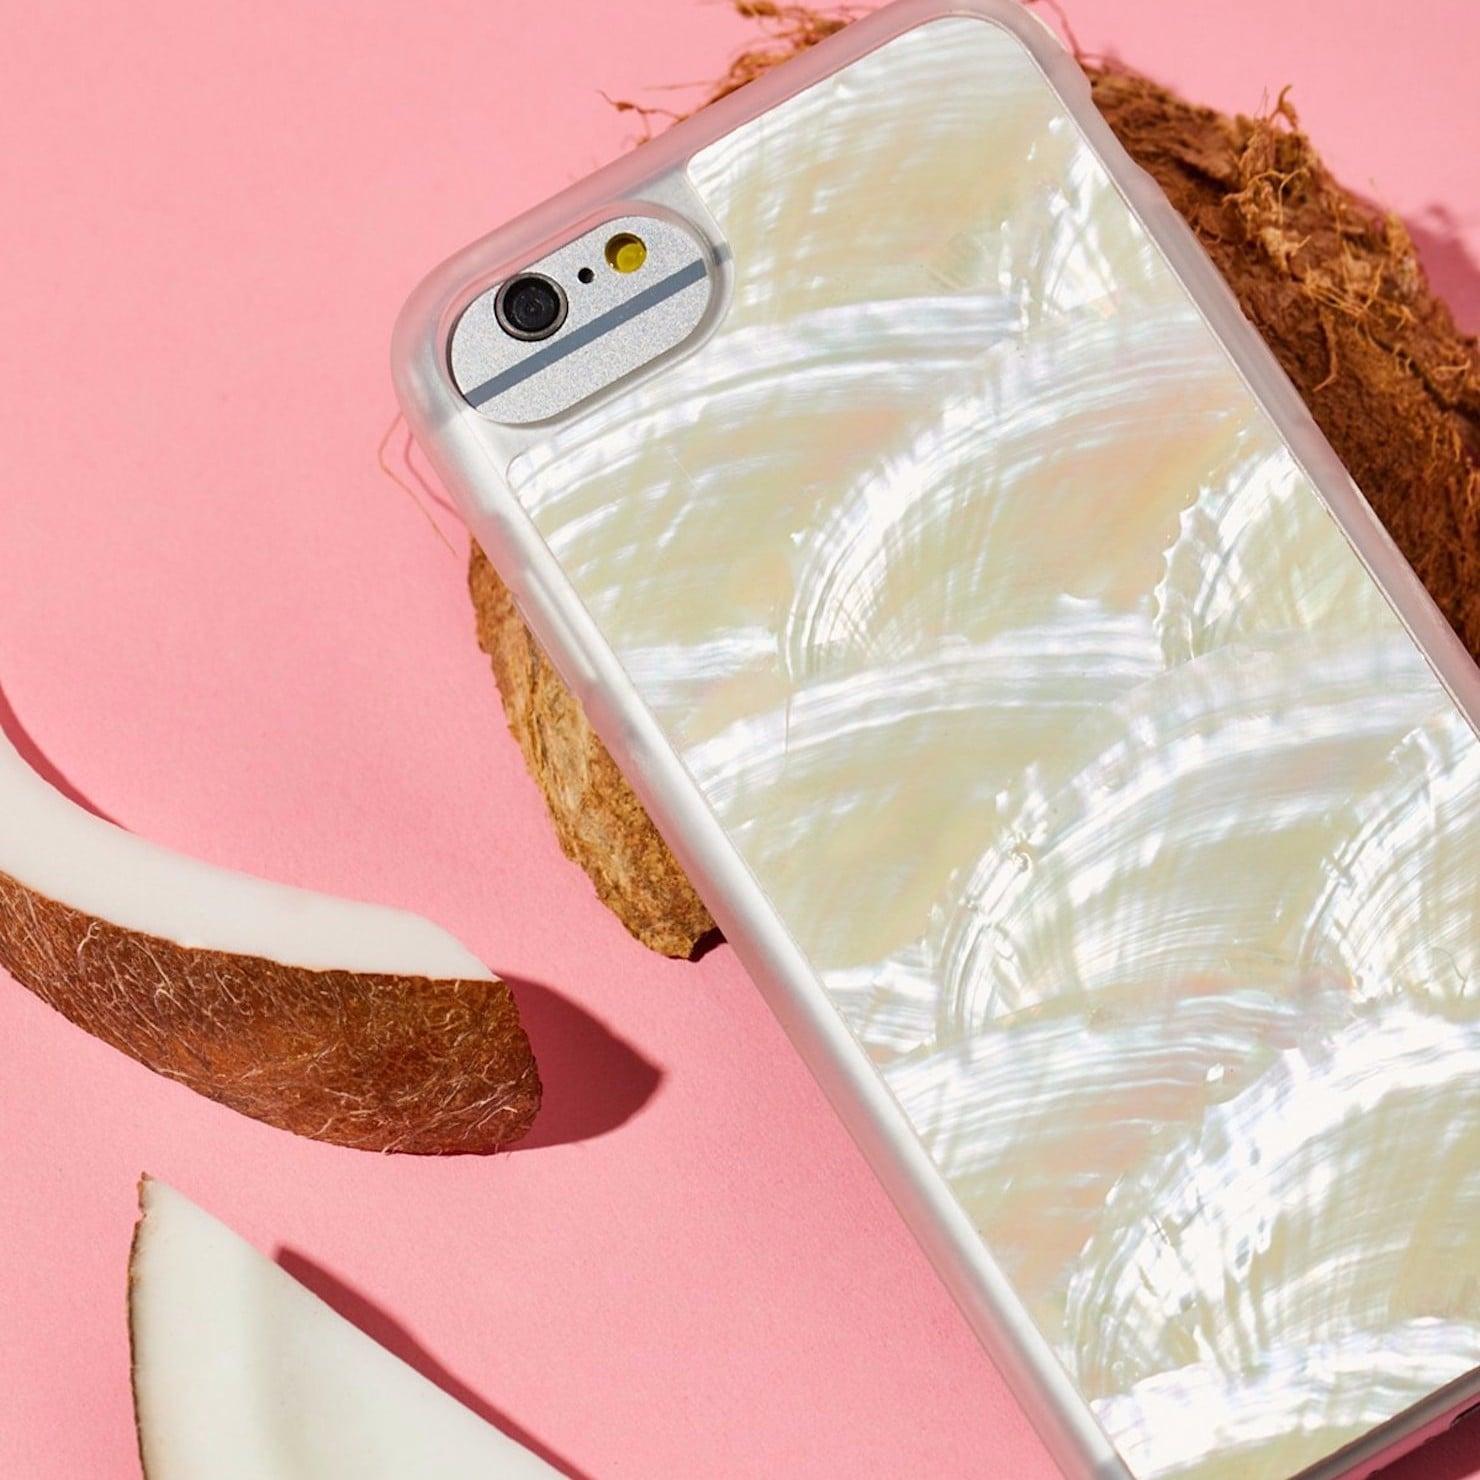 Iphoria Mirror Ice Cream Iphone 6 Case